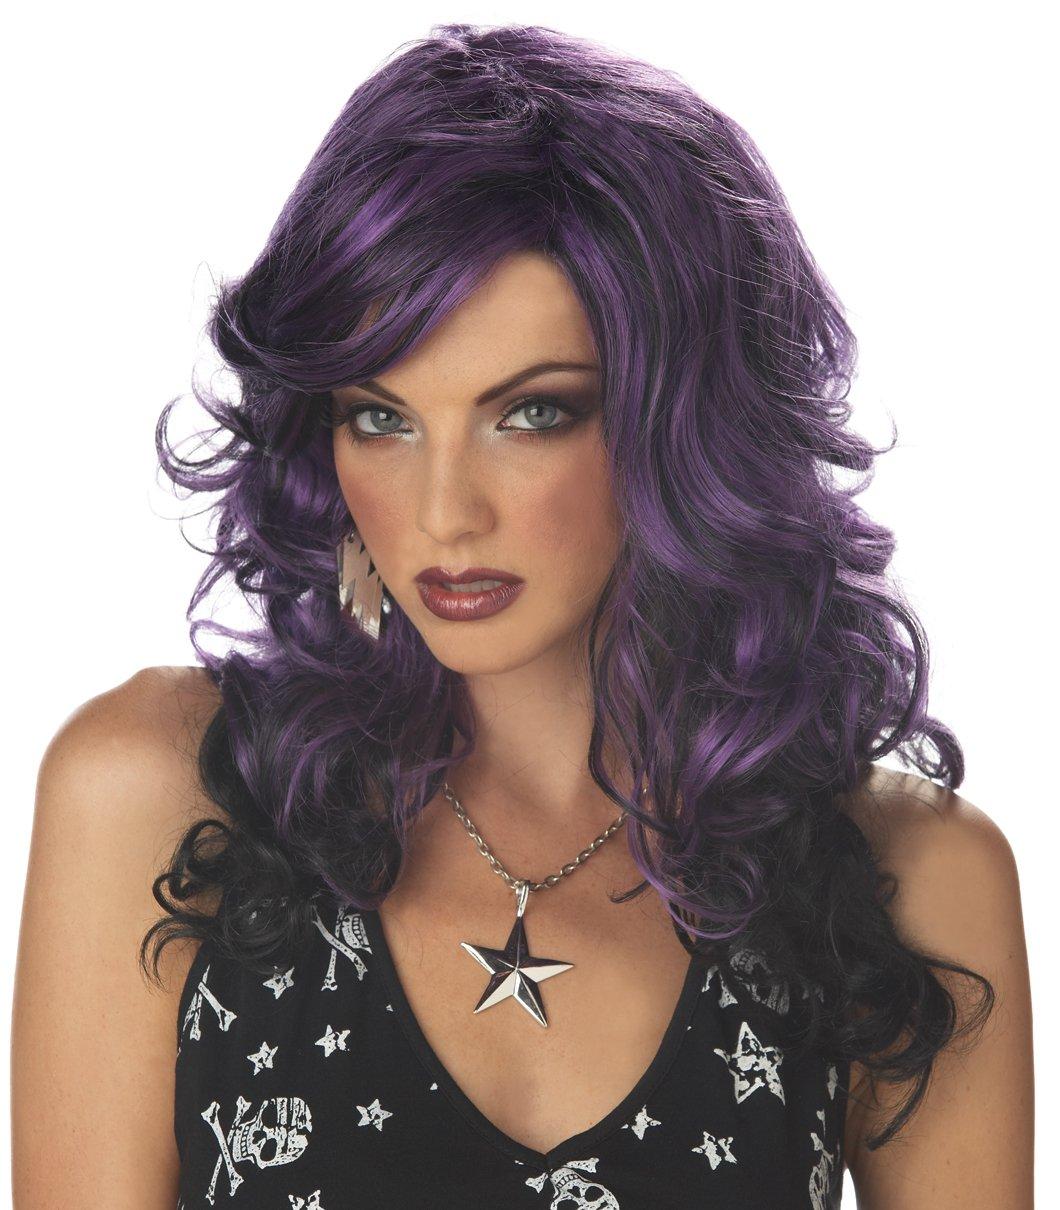 Rock Vixen Punk Star Adult Costume Wig